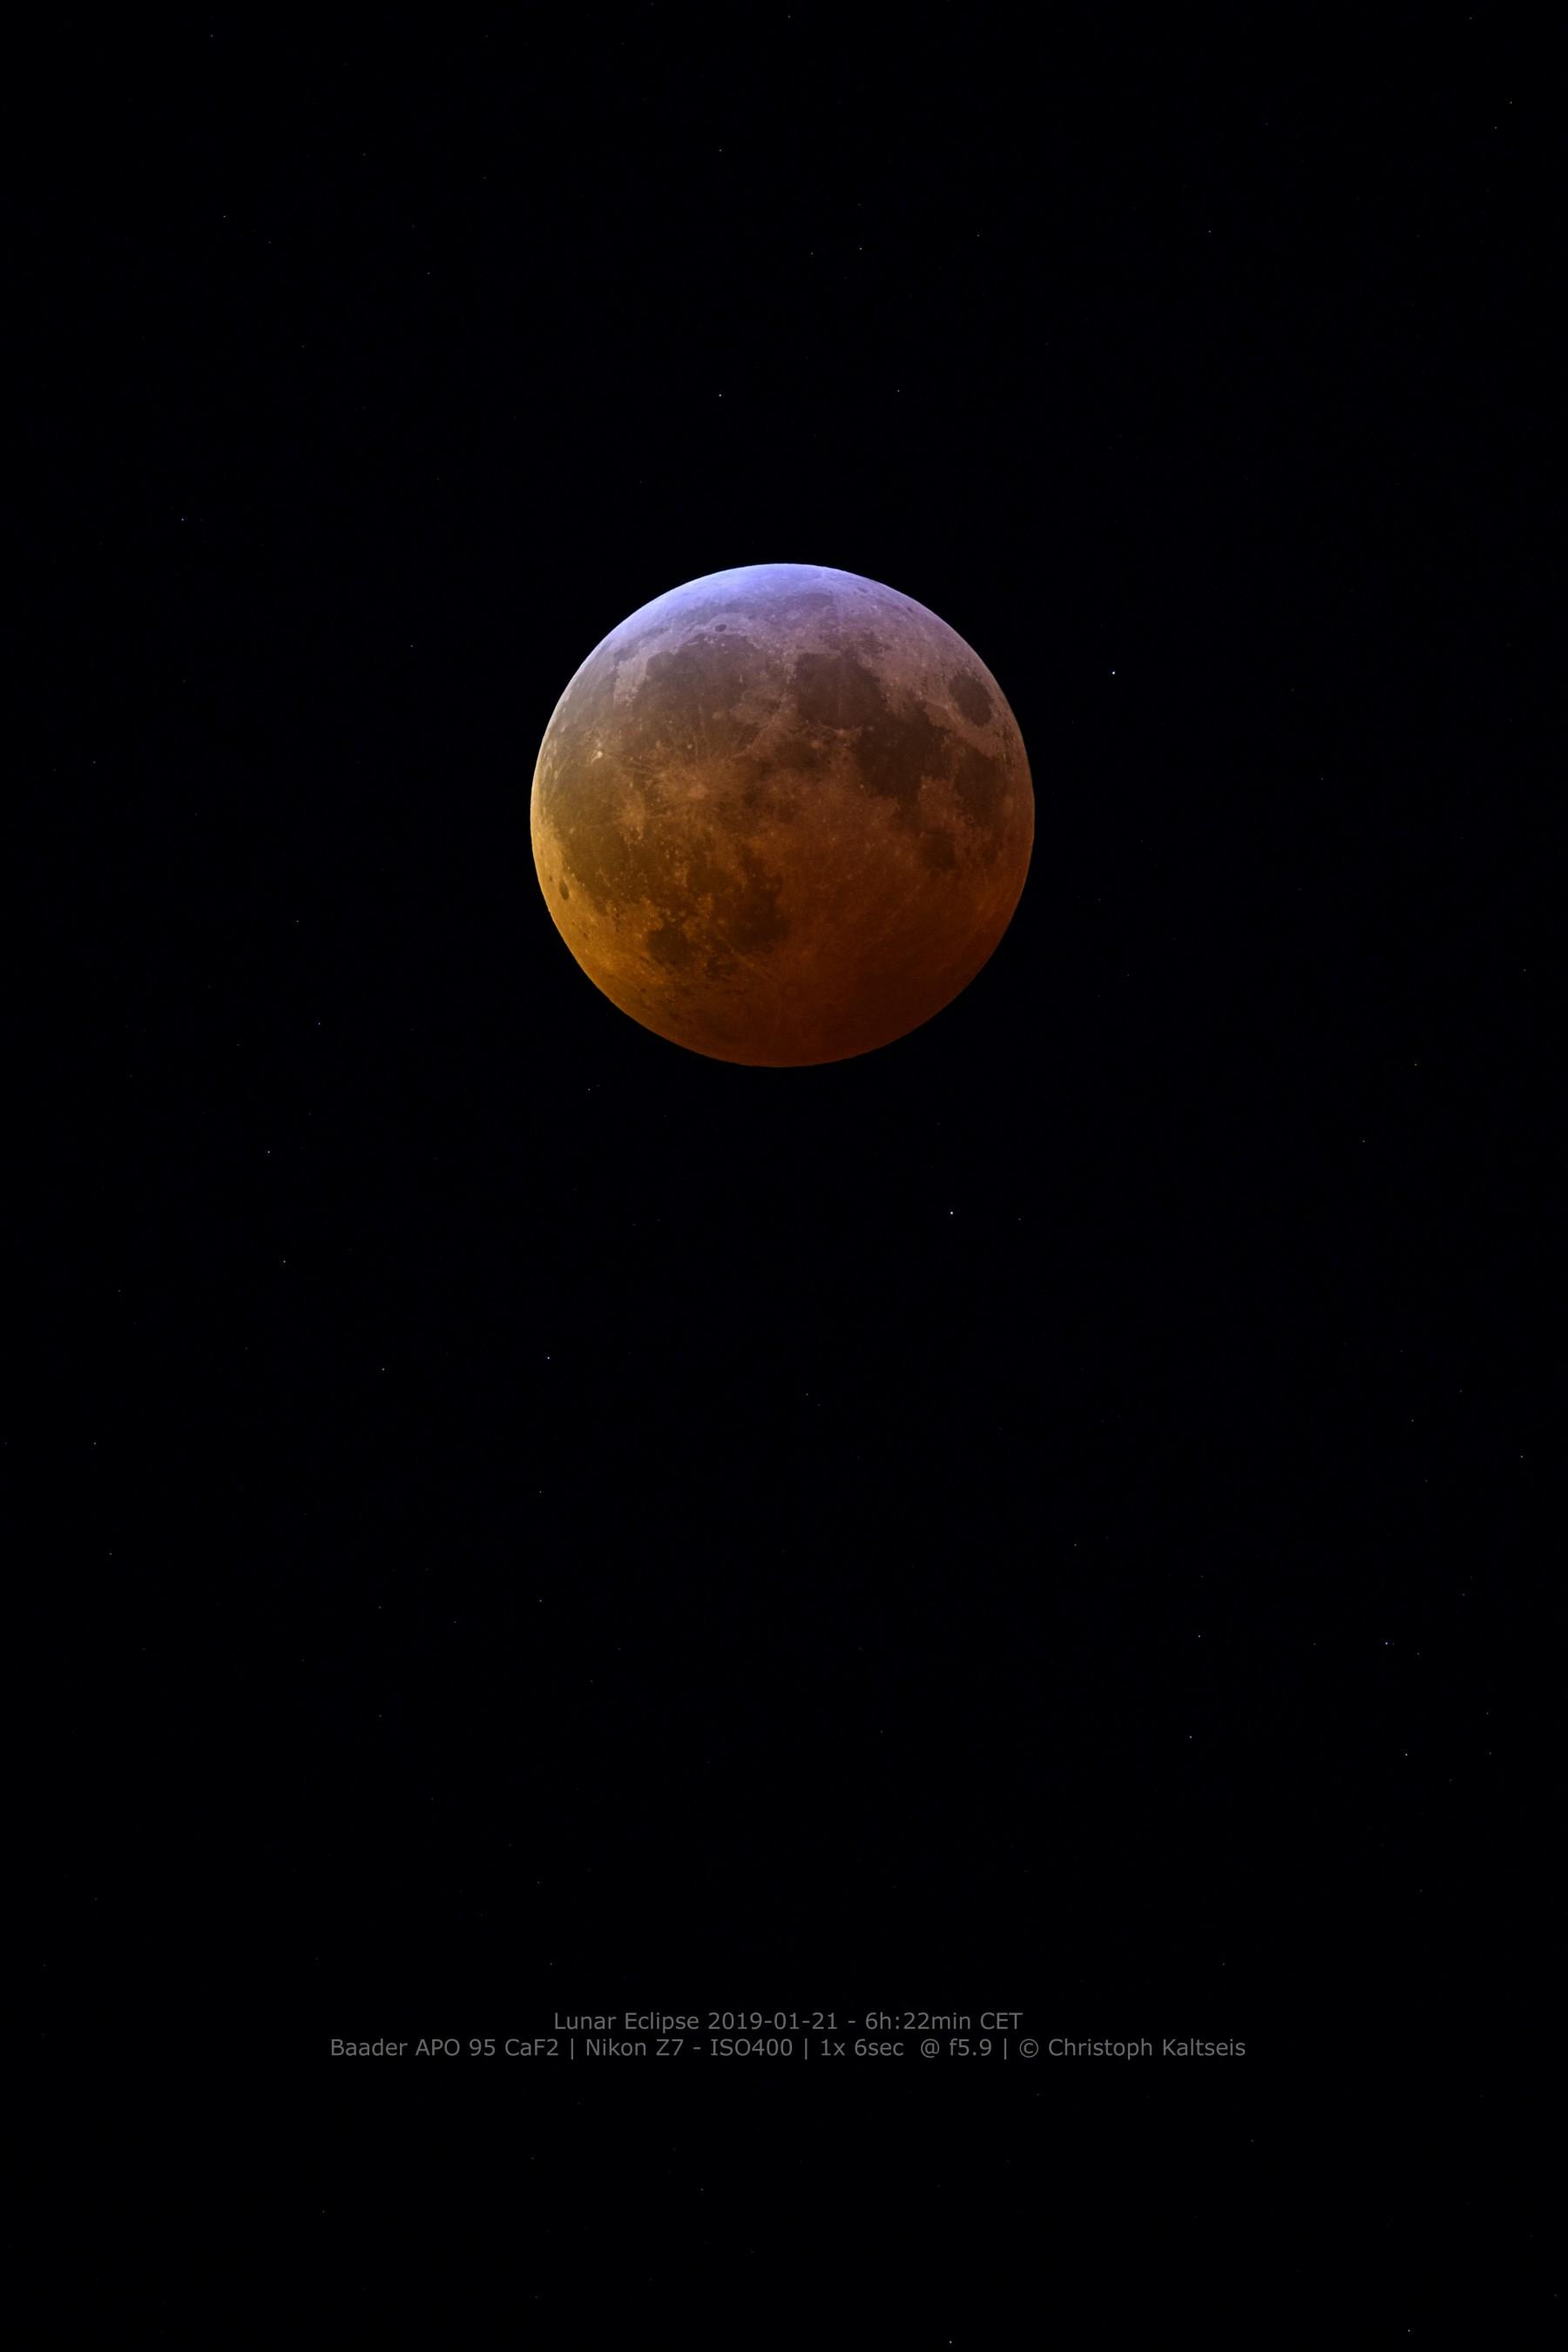 Anwendungsbild: Mondfinsternis 2019 - 01 -21, aufgenommen mit Baader APO 95 CaF2 mit Nikon Z7, von C. Kaltseis